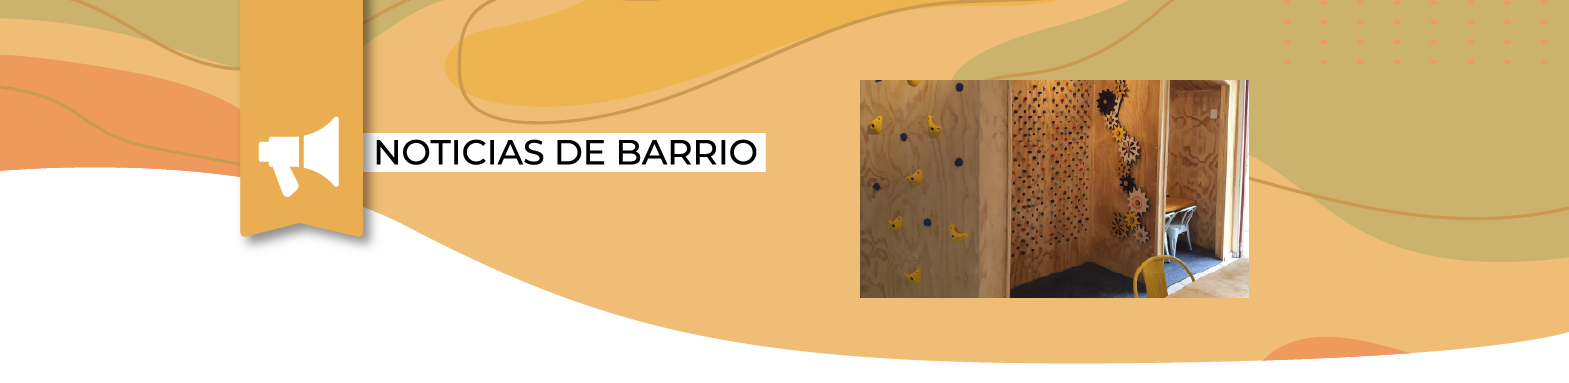 Ludoteca Los Cerros, un espacio de juego y estudio